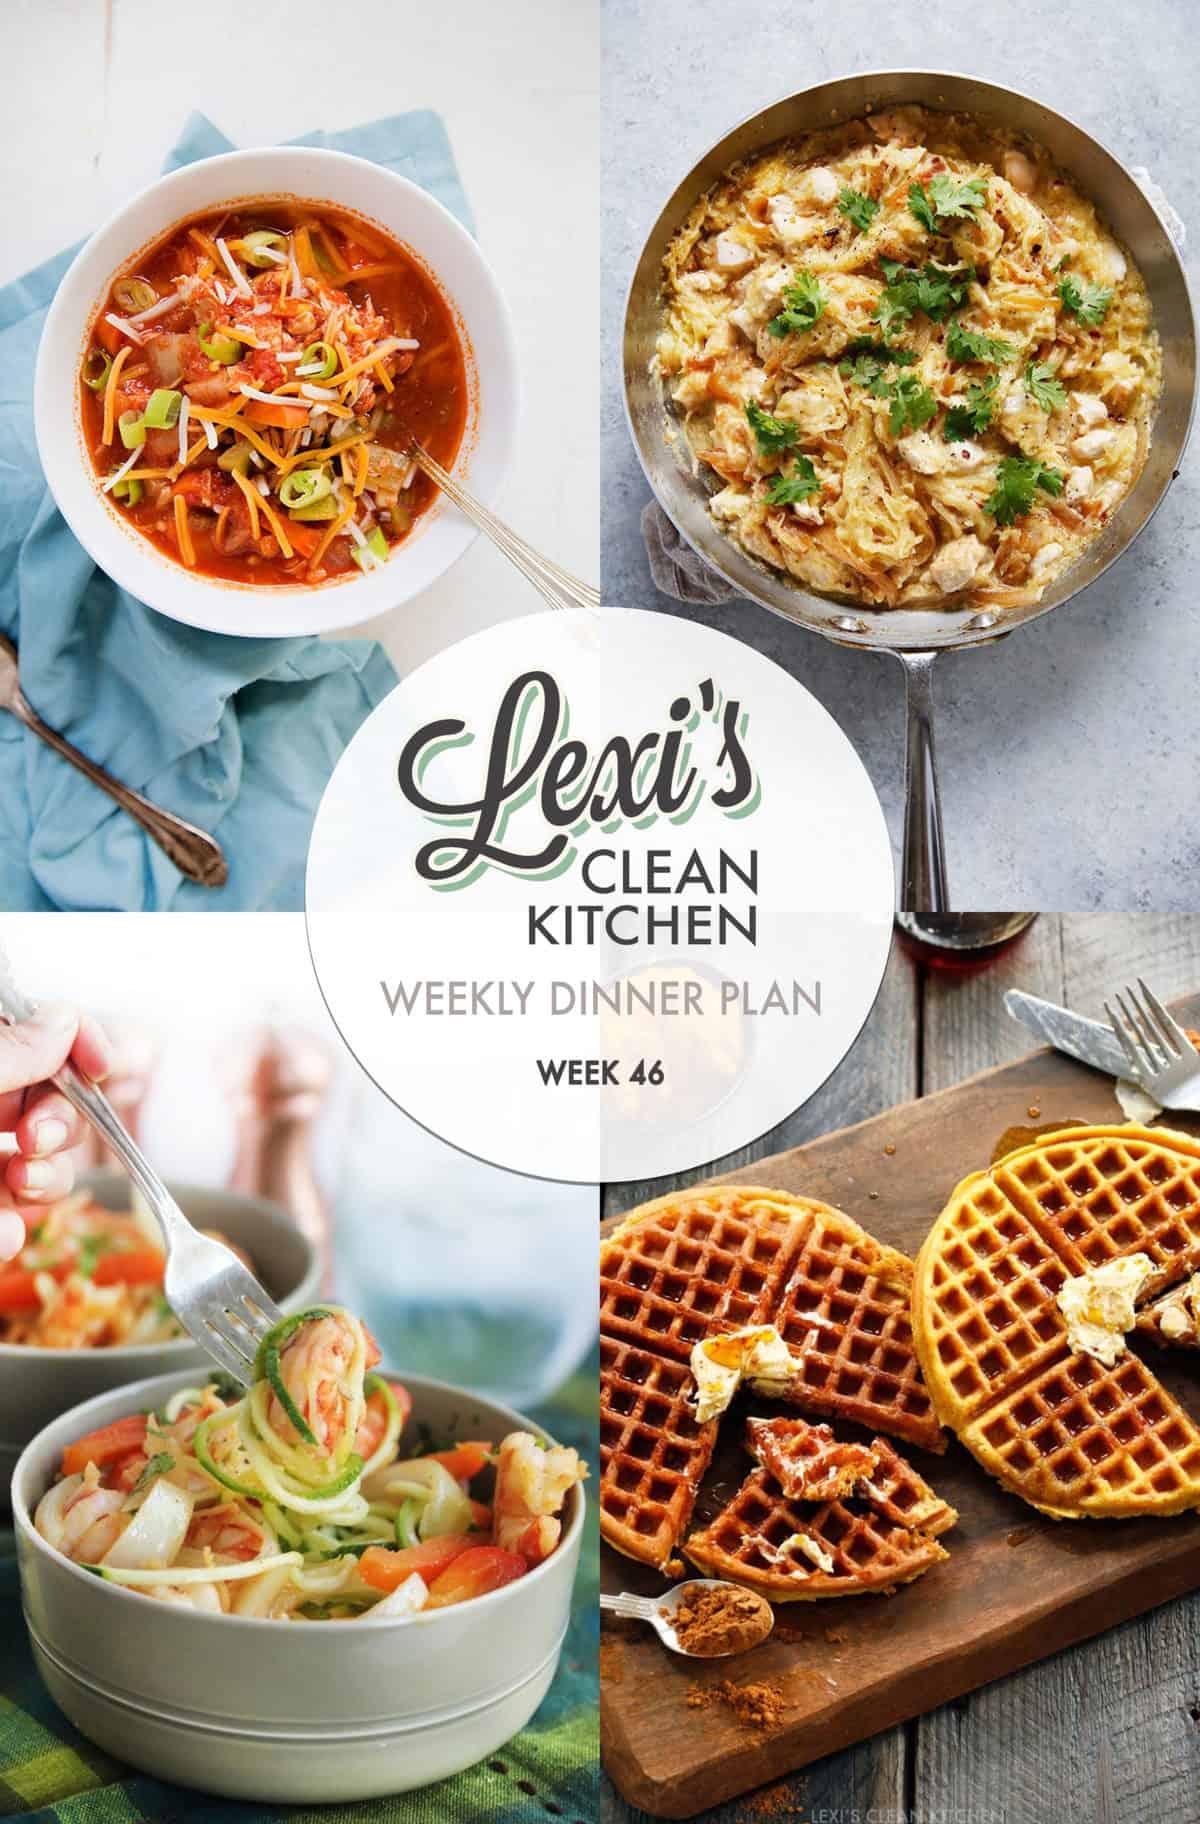 Lexi's Weekly Dinner Plan Week 46